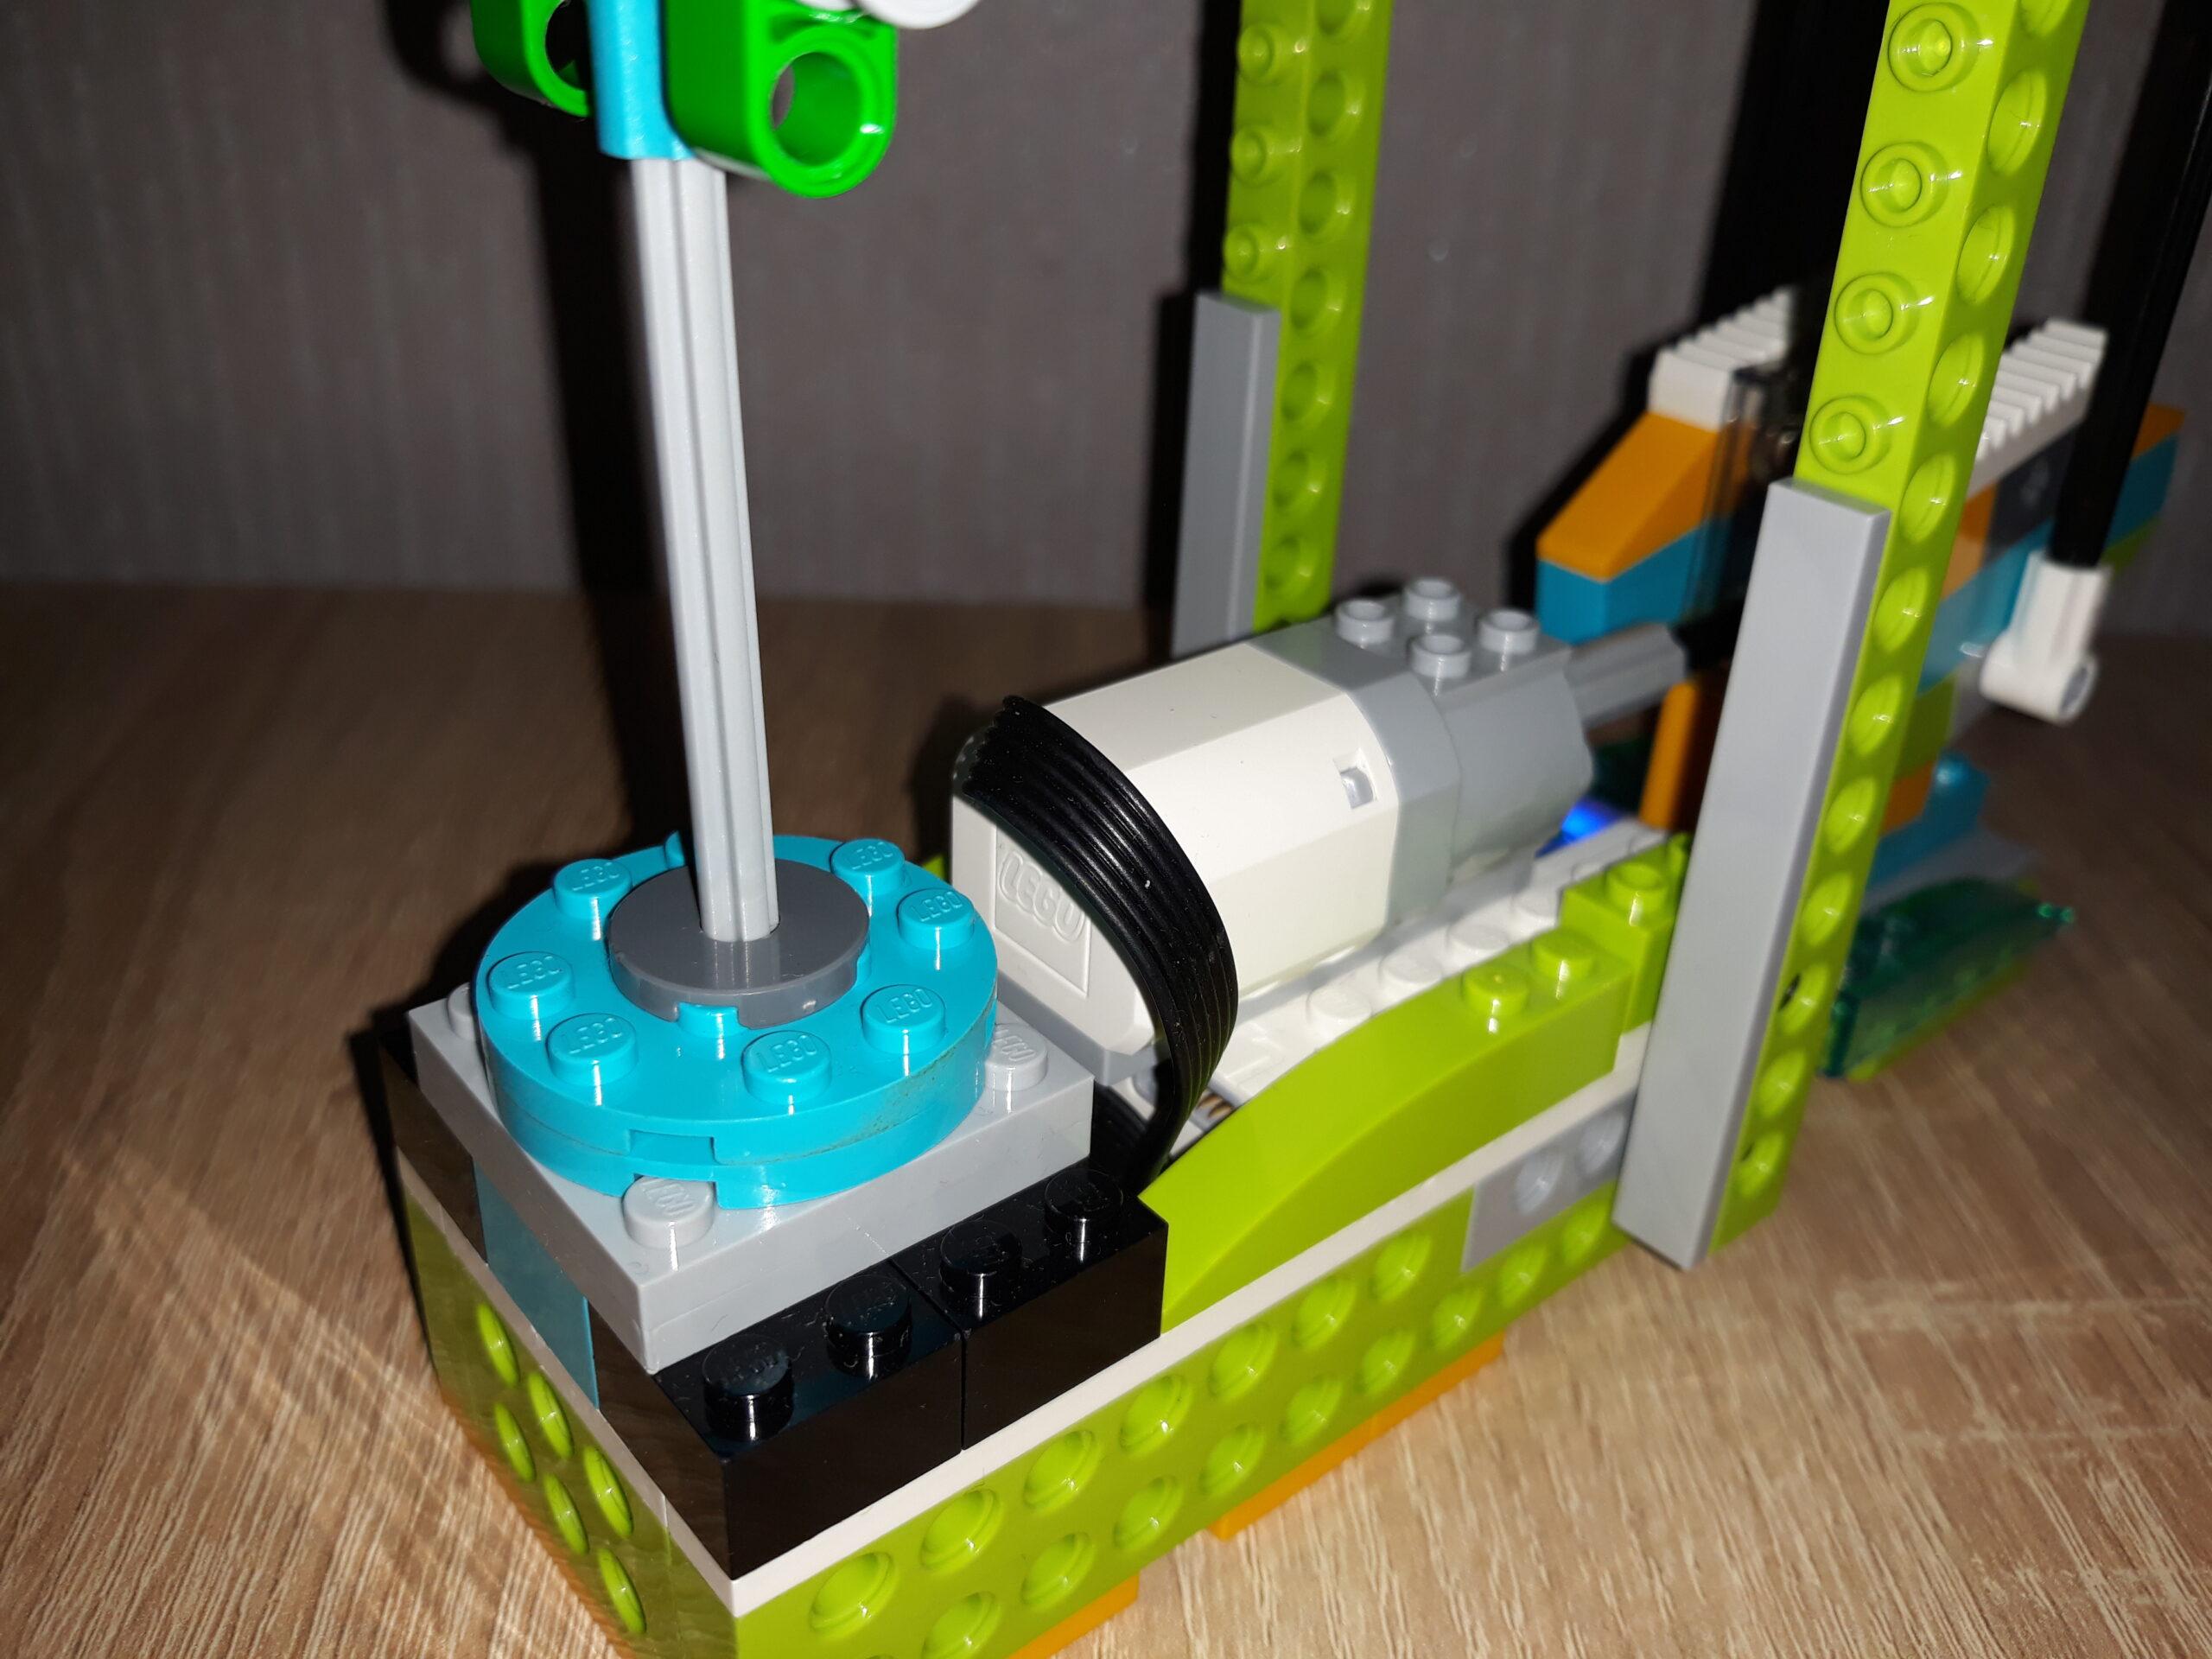 Инструкция по сборке из набора LEGO Education WeDo 2.0 Нефтяная вышка